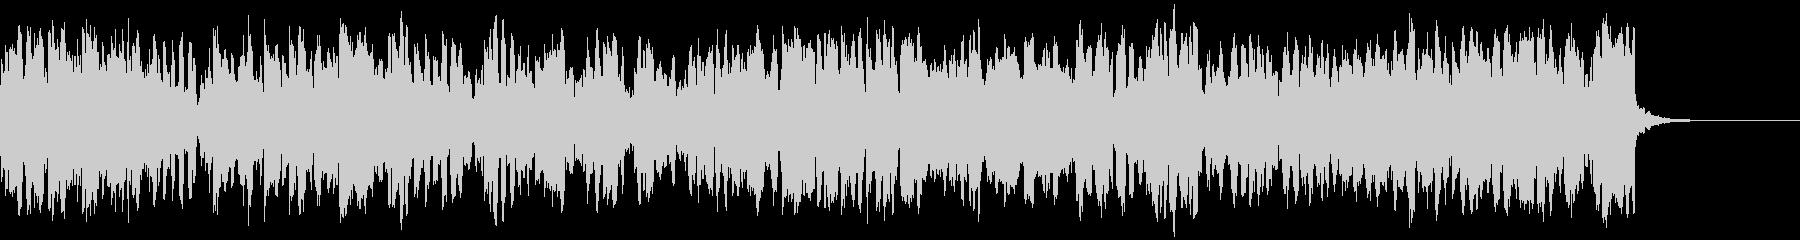 ゴールドベルグ変奏曲木管トリオバージョンの未再生の波形